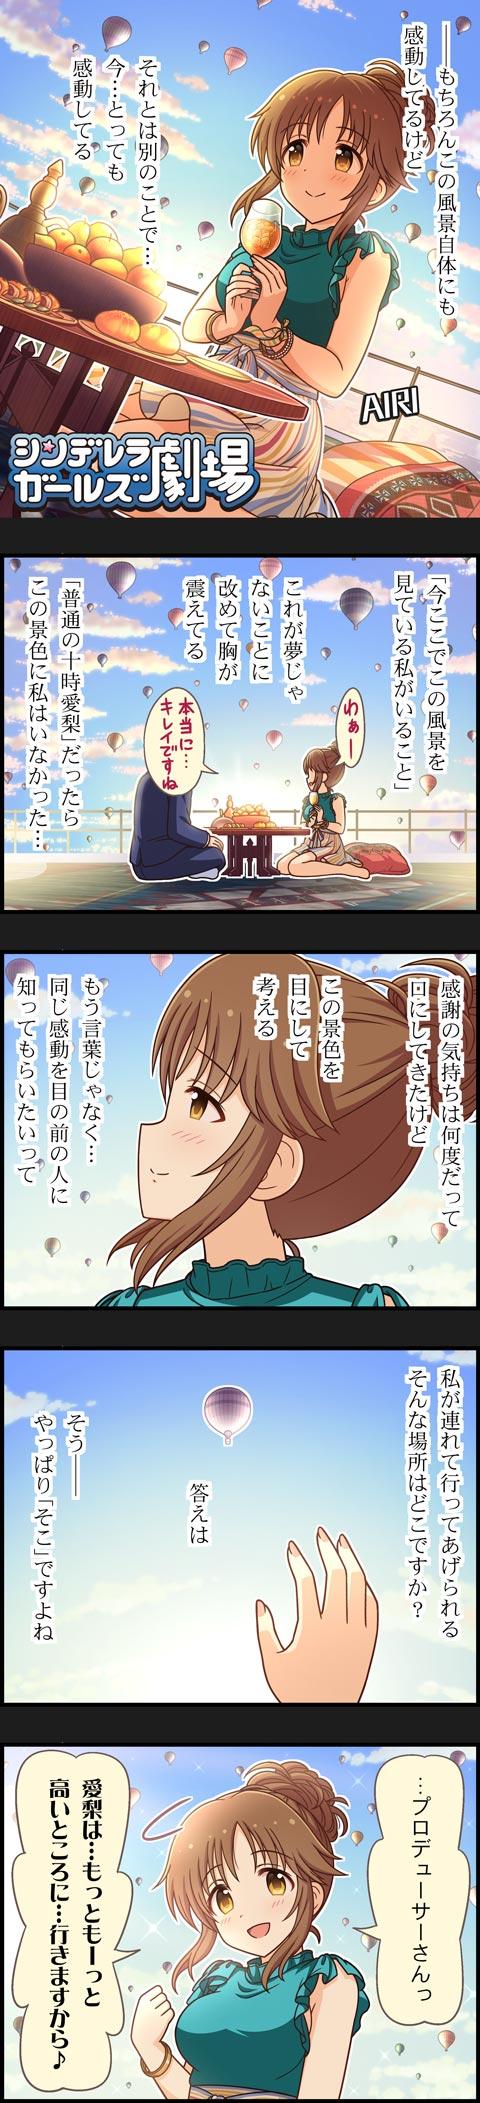 xlpjZRq 十時愛梨の画像.jpg